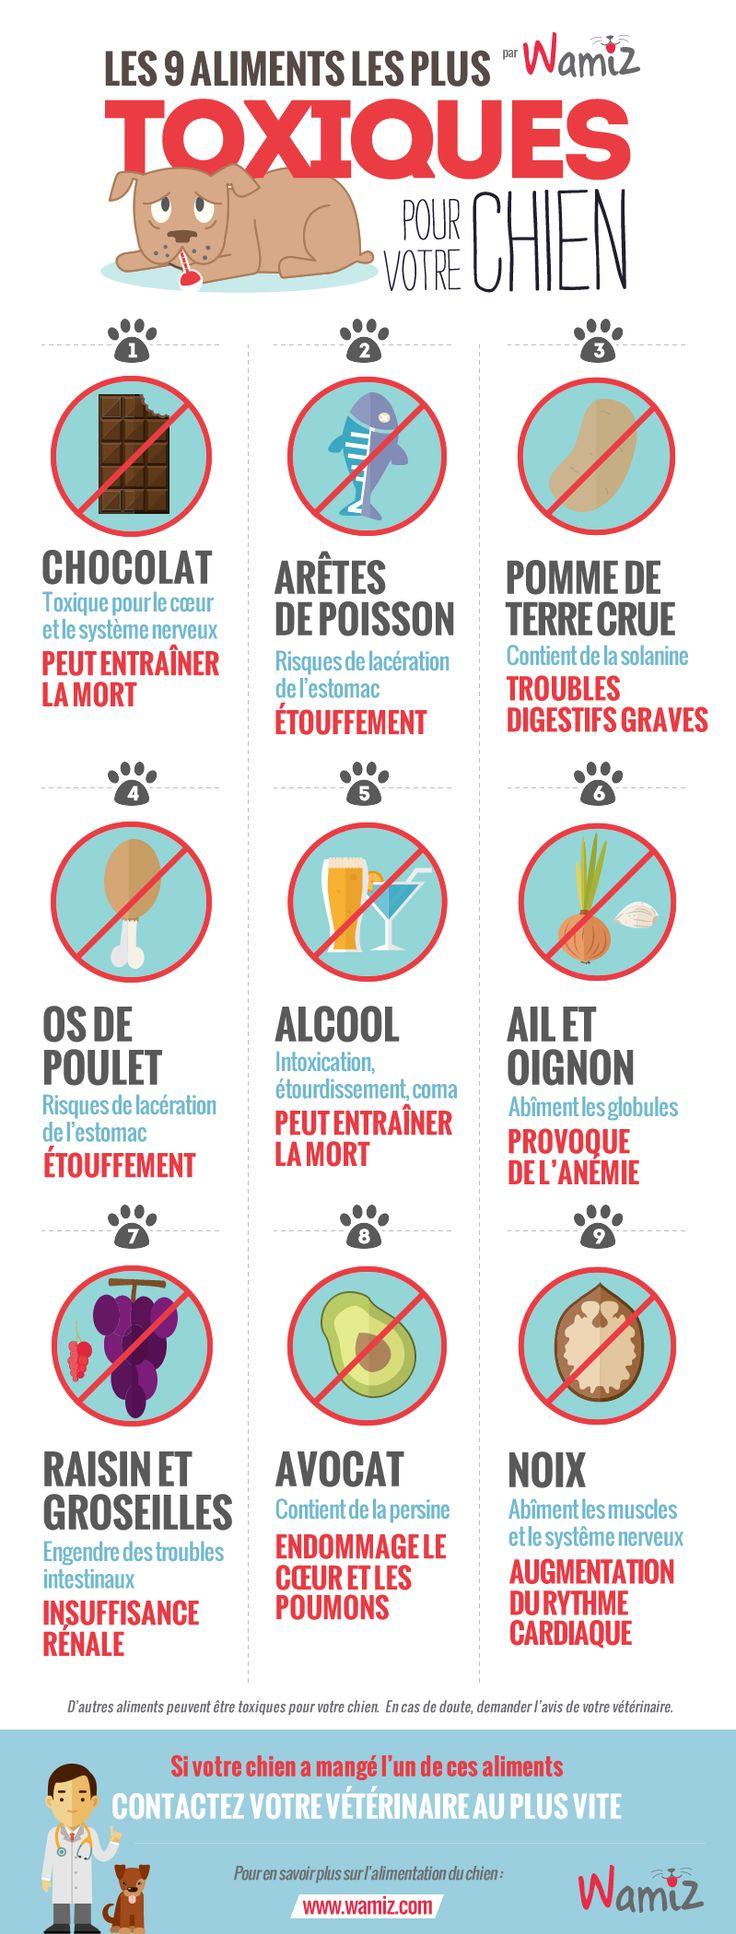 Les 9 aliments les plus toxiques pour votre chien - Nourrir son chien - Wamiz